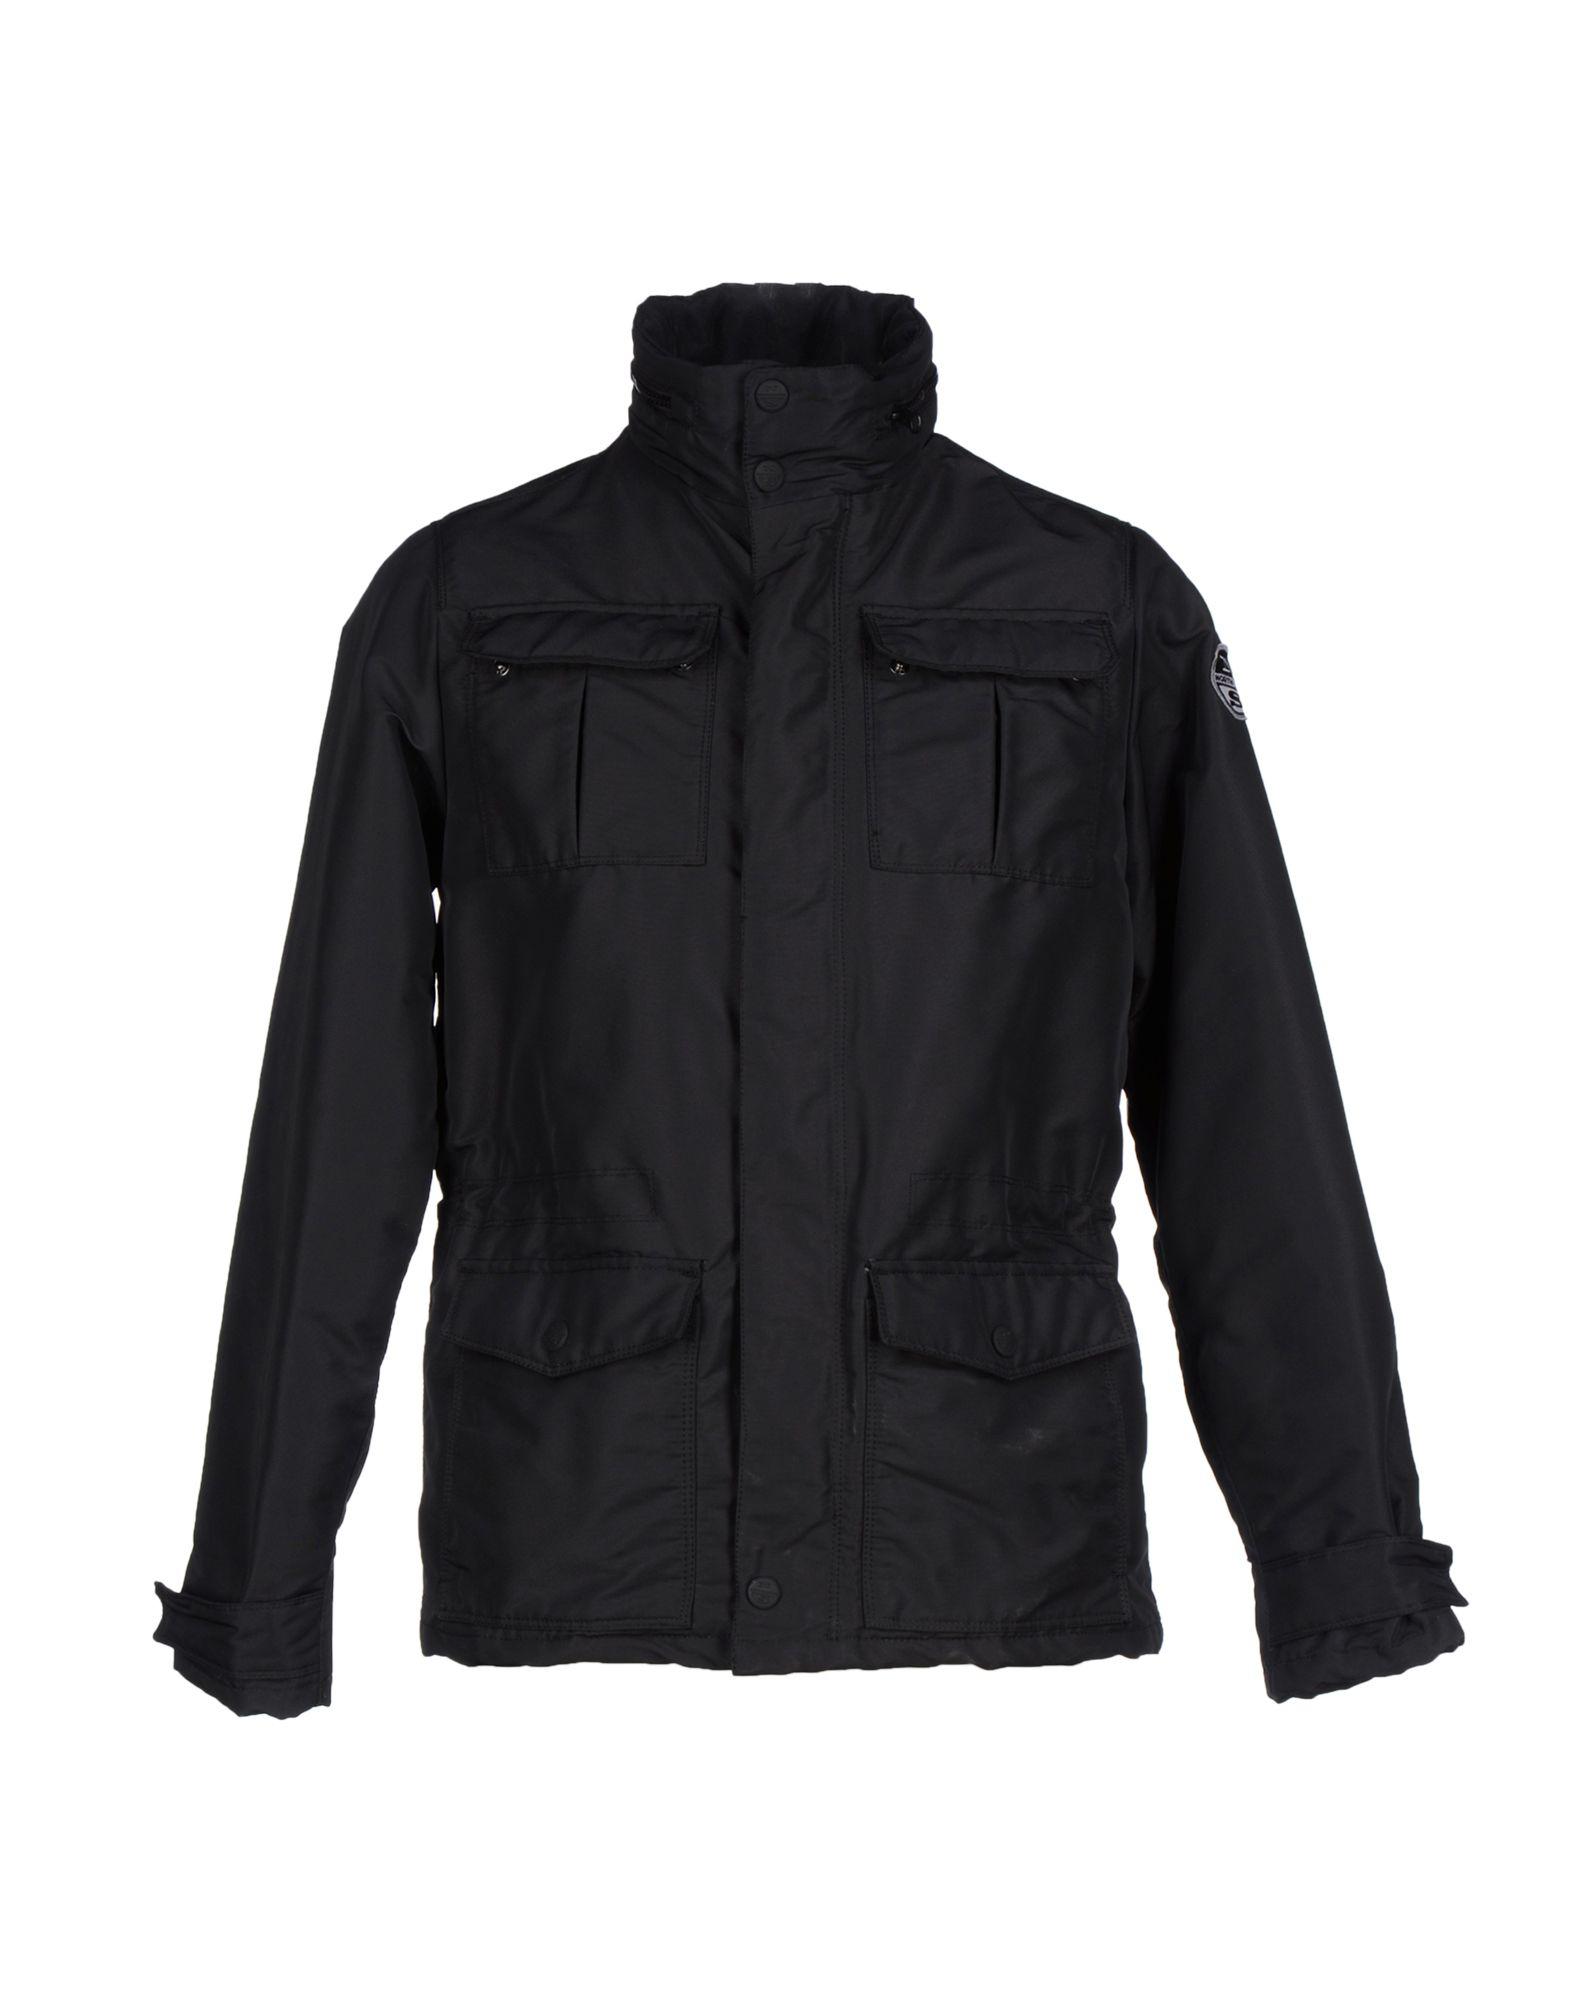 North Sails Jacket In Black For Men Lyst